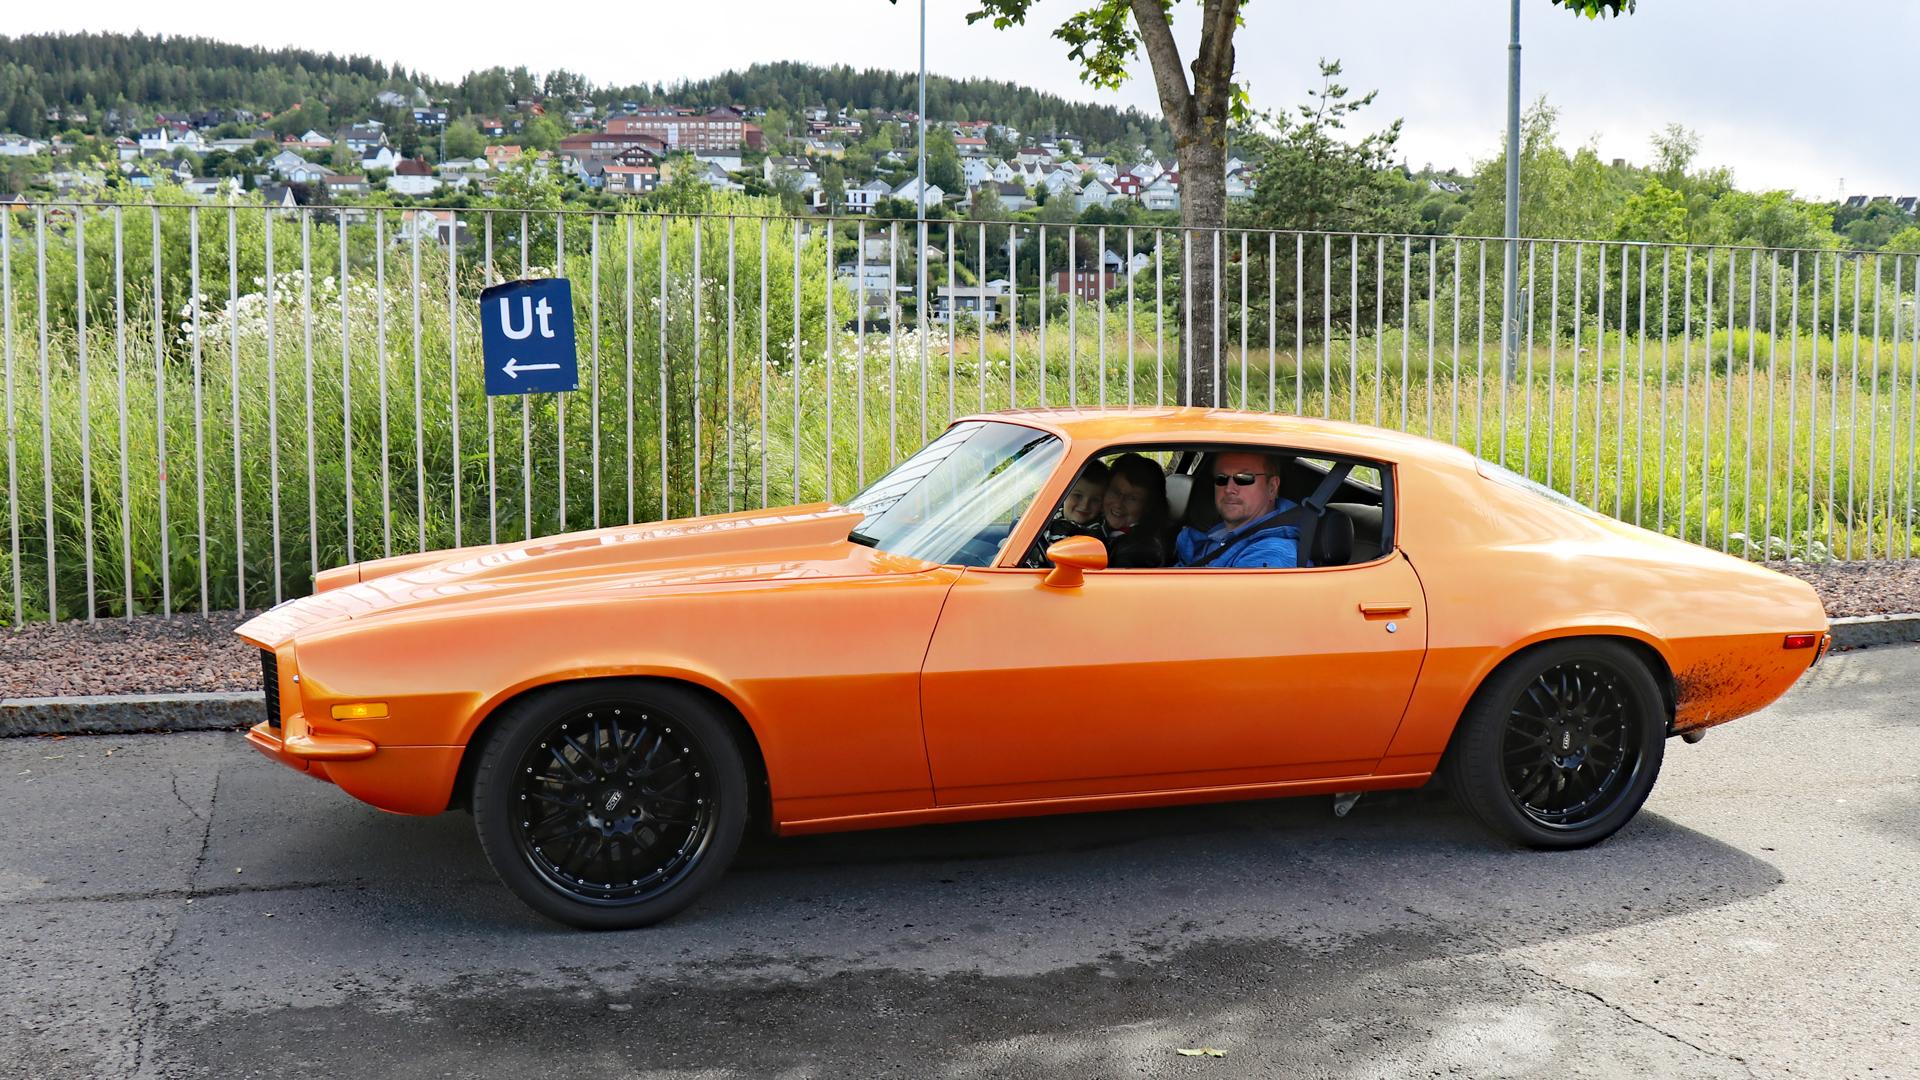 050-1970 Chevrolet Camaro 01. Eiere- medlem Randi